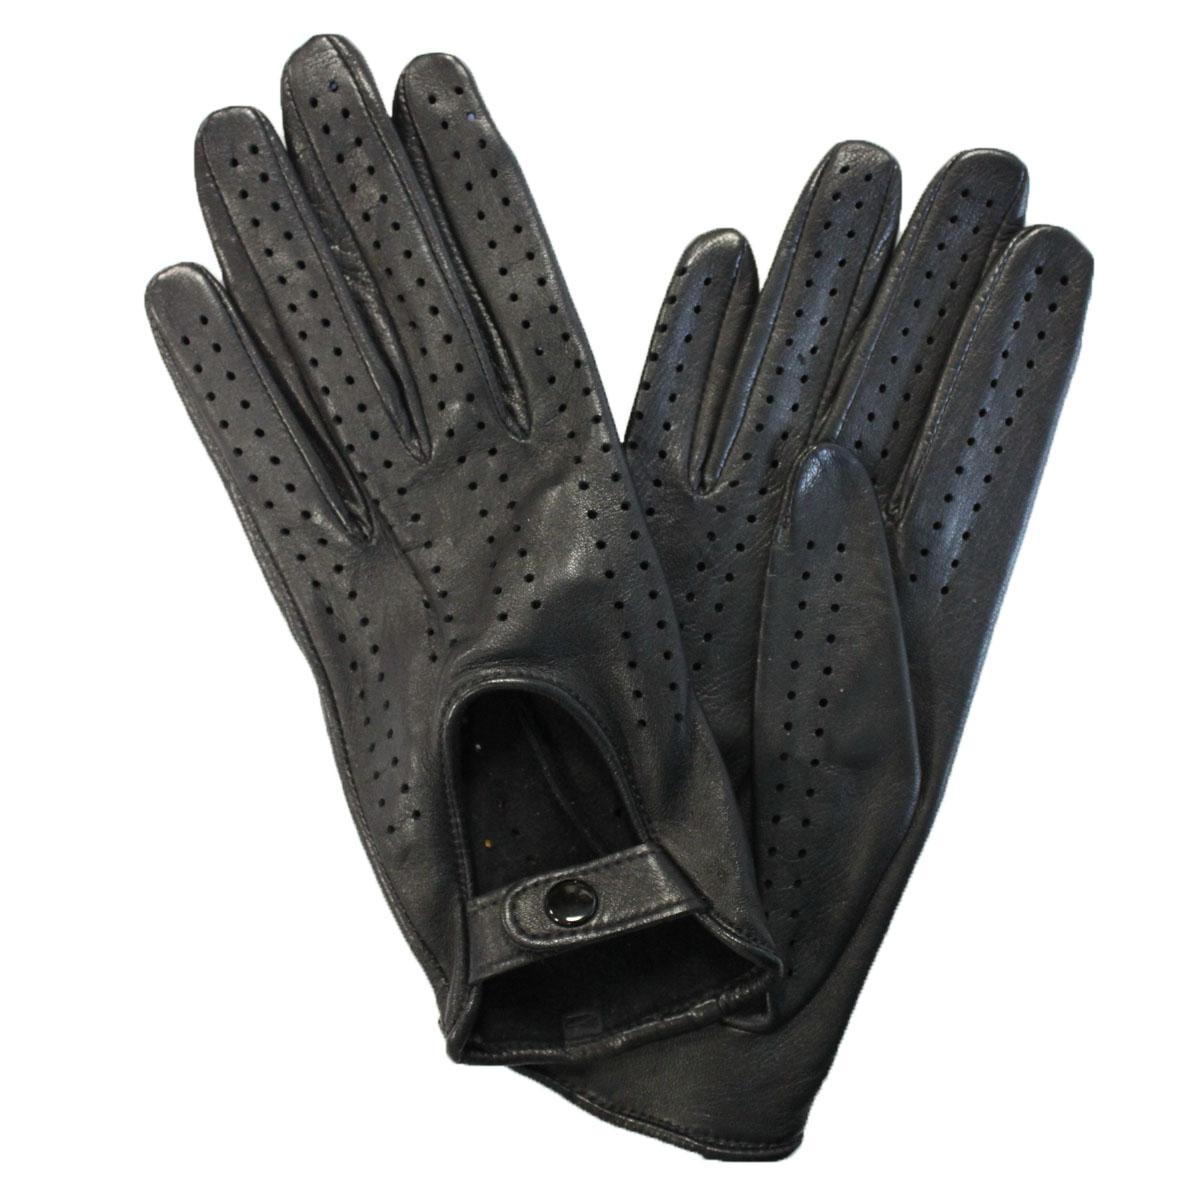 Перчатки женские Edmins, цвет: черный. Э-20L_242. Размер 6,5Э-20L_242Стильные перчатки Edmins без подкладки выполнены из мягкой и приятной на ощупь натуральной кожи ягненка. Такие перчатки станут отличным дополнением к вашему образу.На внешней стороне перчатки сделана выемка, которая застегивается на кнопку. Вся поверхность перчатки декорирована перфорацией.